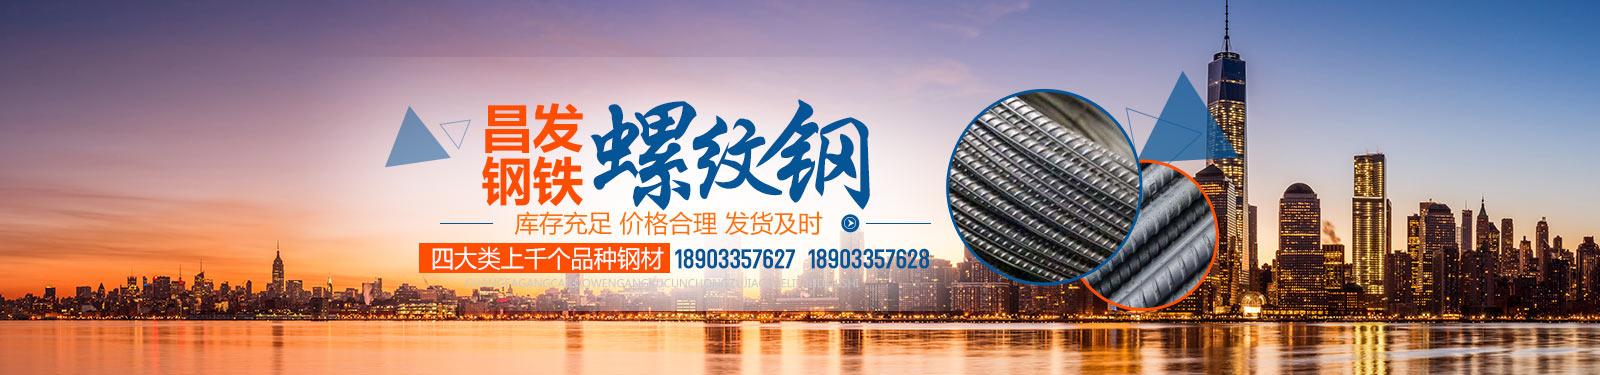 秦皇岛市鑫星经贸有限公司